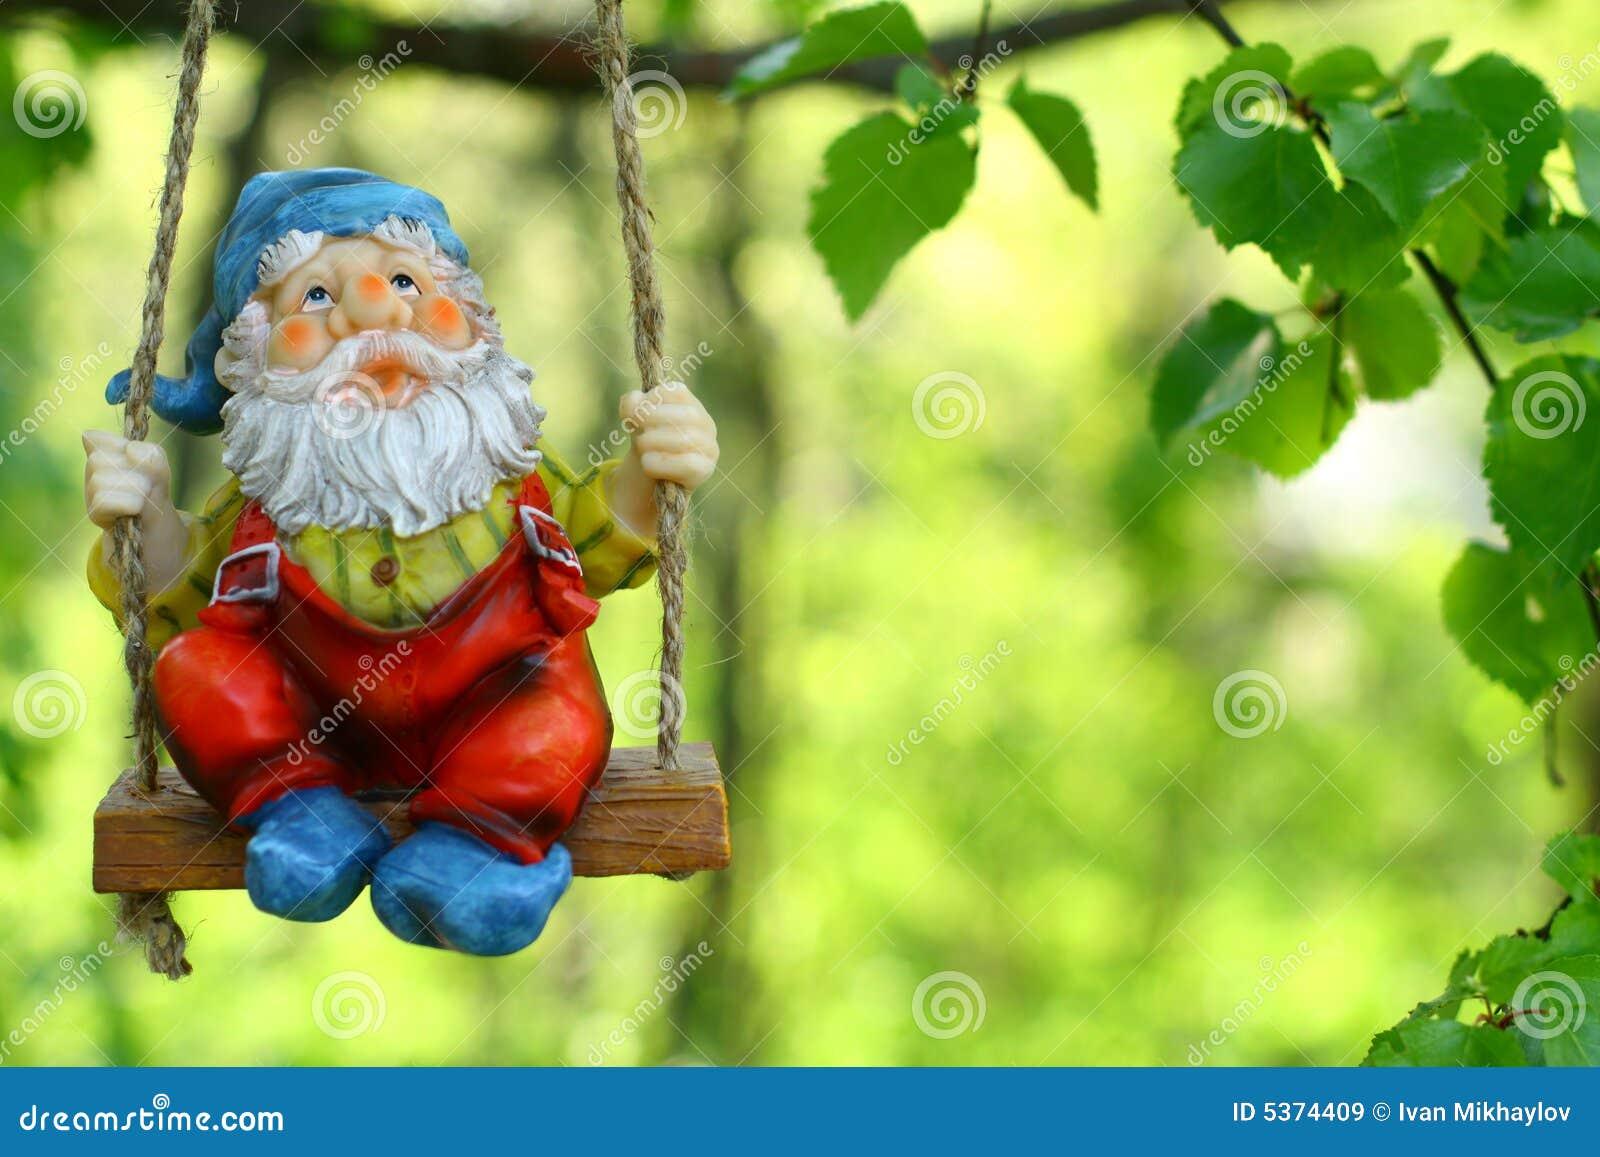 resumo do livro anao de jardim ? Doitri.com